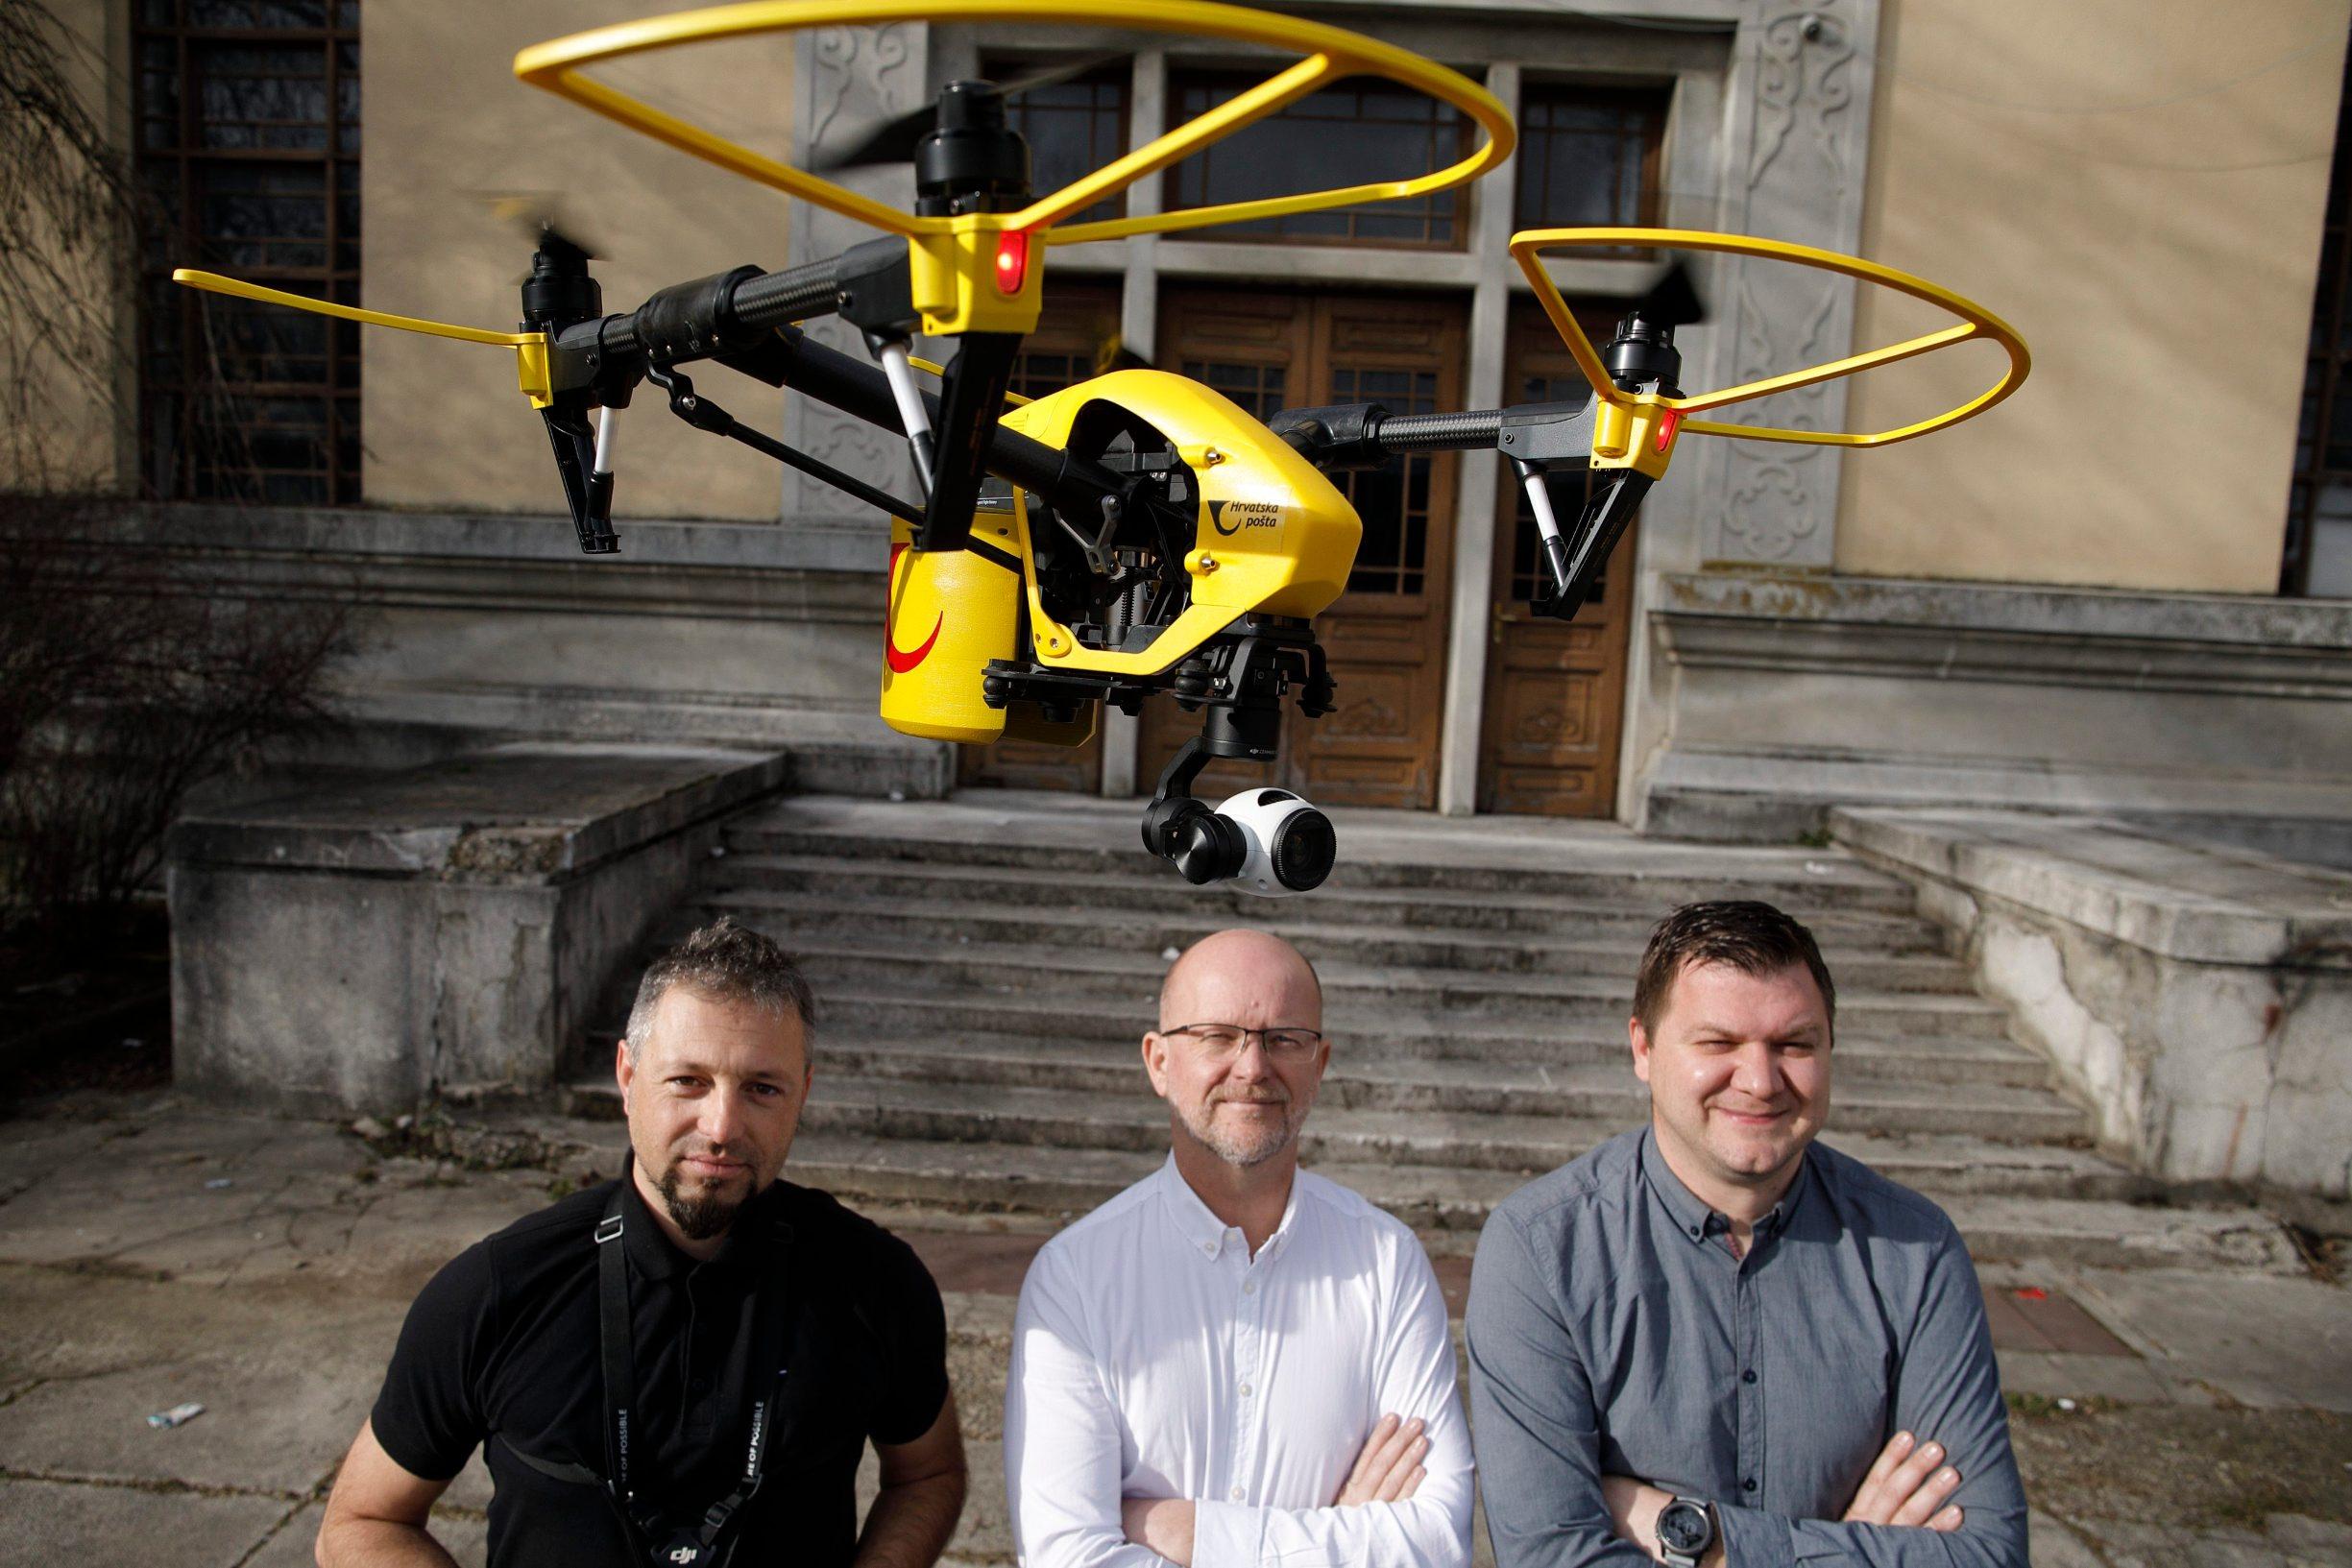 Ivan Vidaković, Davor Sladović i Milan Domazet iz startup tvrtke AIR-RMLD